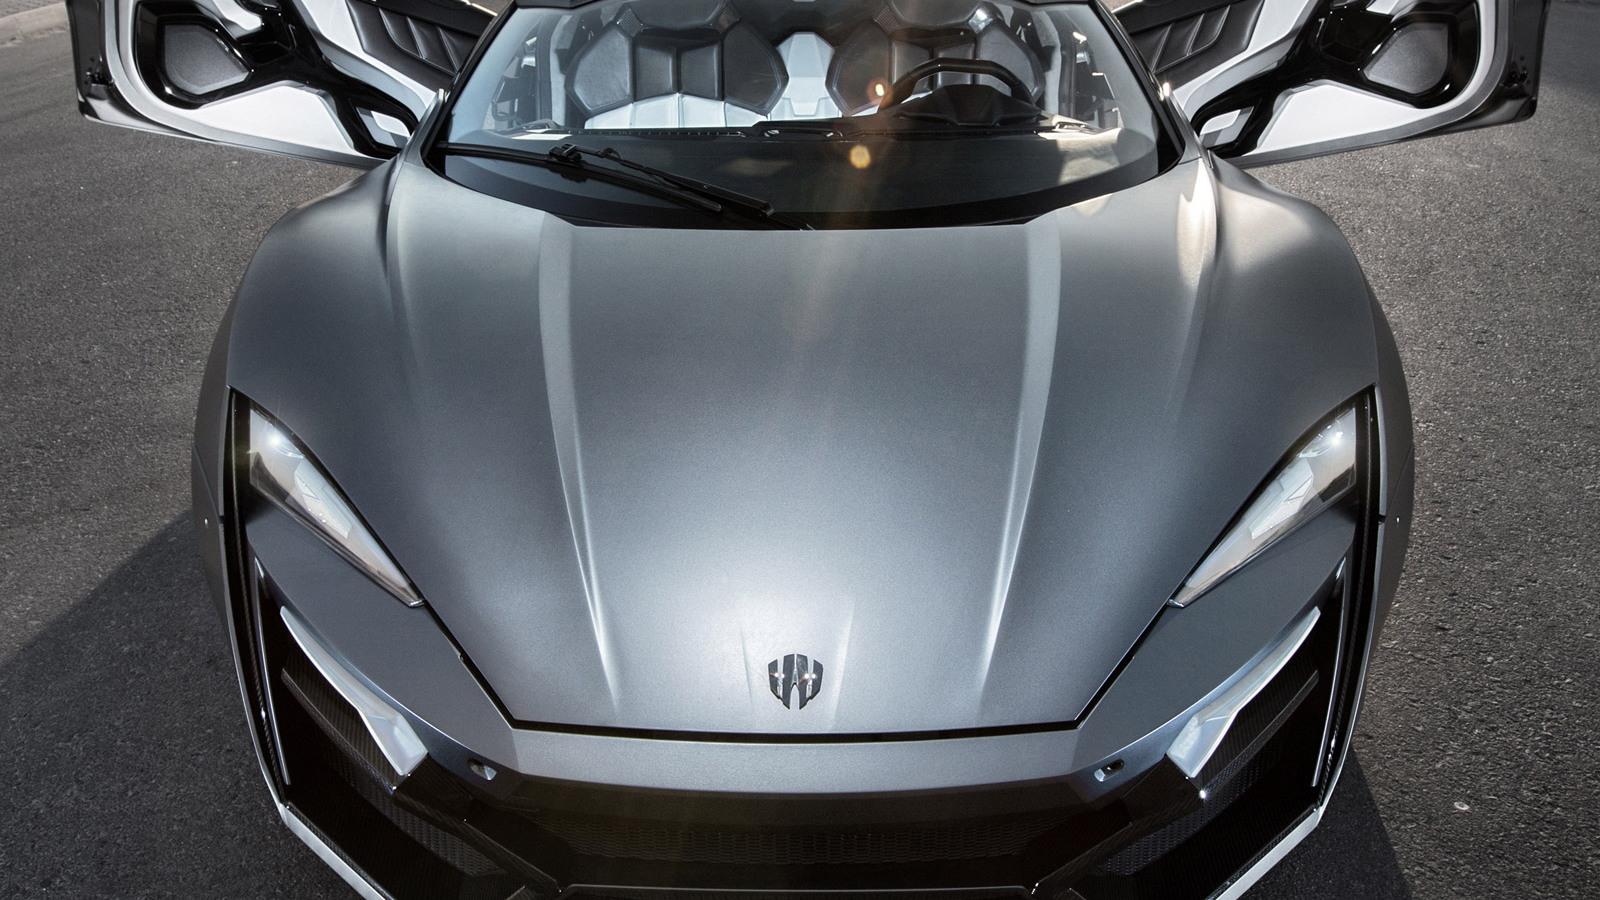 W Motors Lykan Hypersport (Image: James Holm)